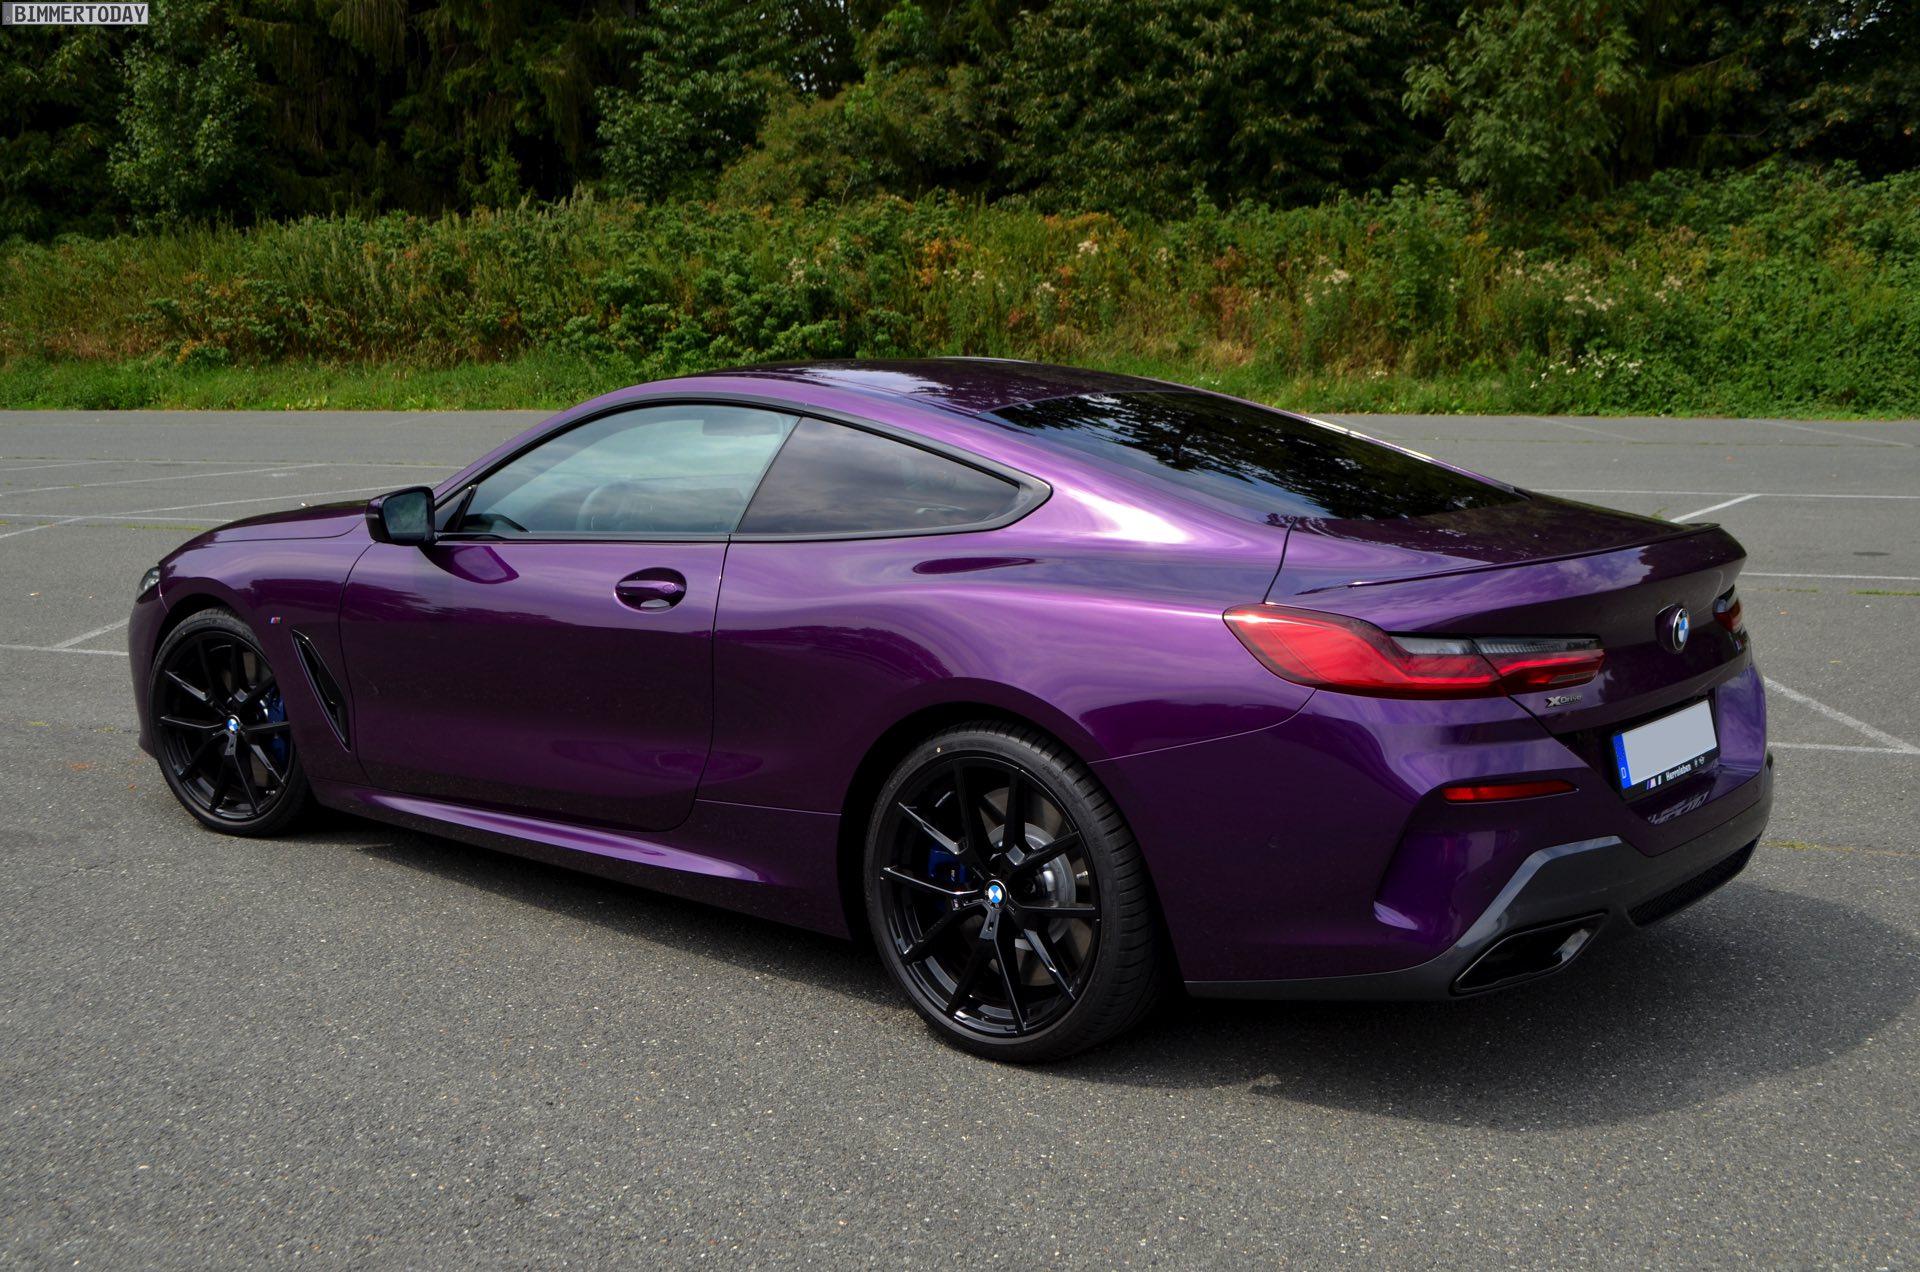 Twilight Purple Lila Individual Lackierung Am Bmw 8er Coupé